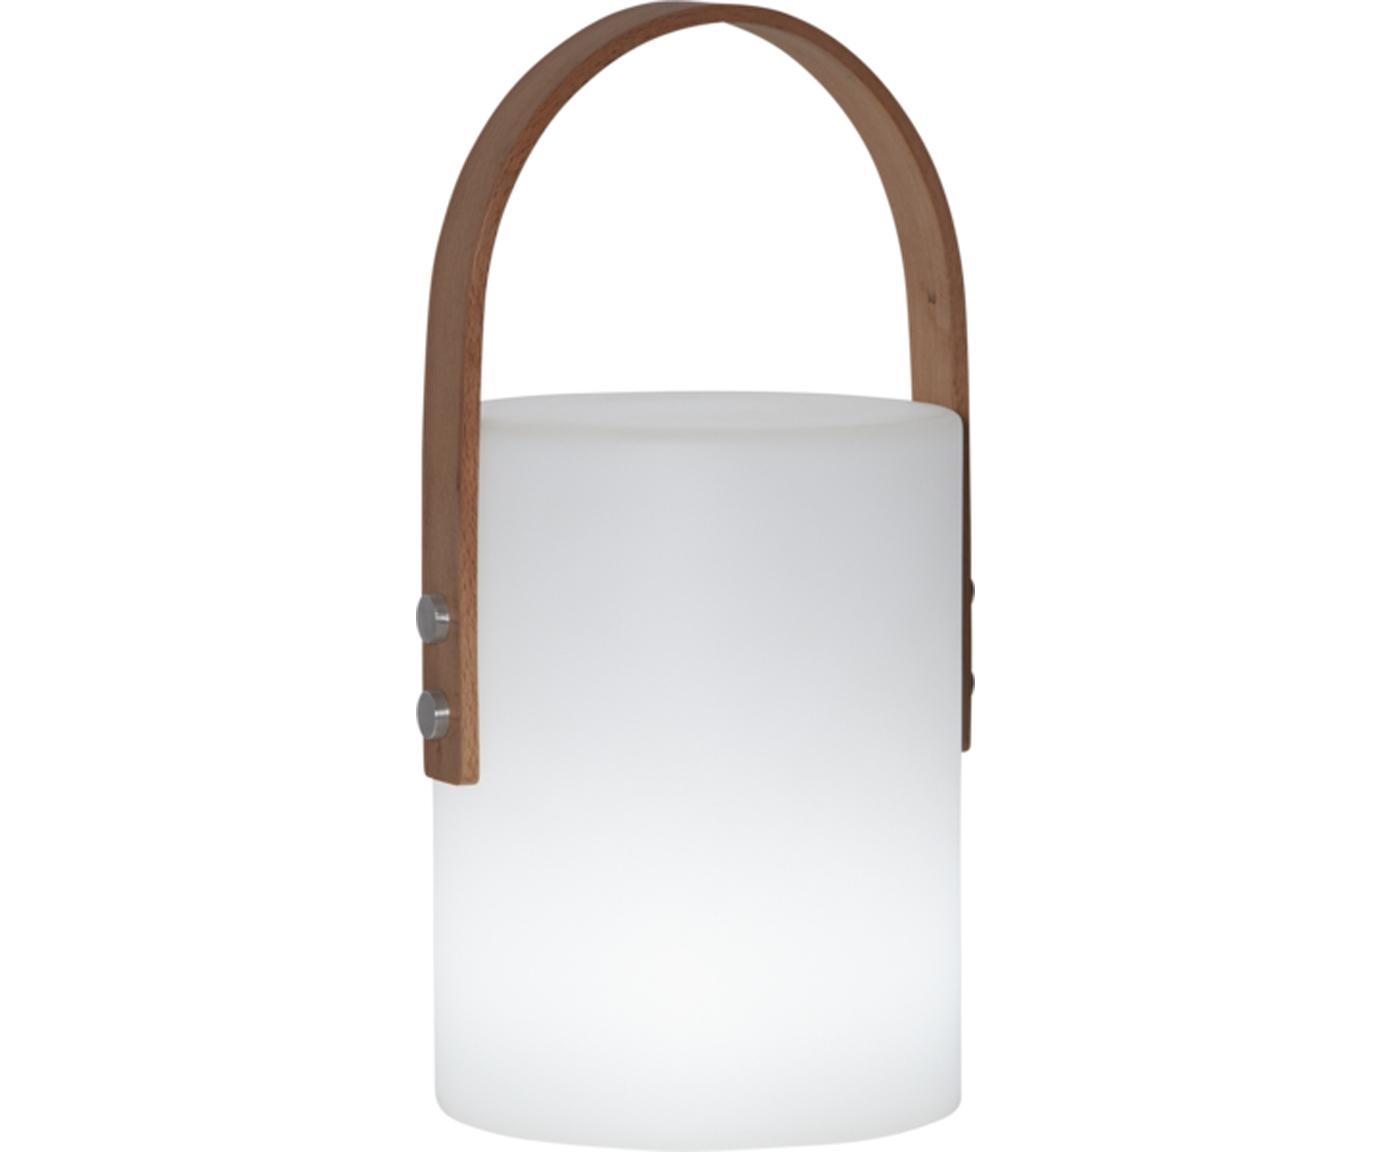 Lámpara de exterior LED Lucie, Asa: madera, Cable: plástico, Blanco, madera, L 19 x Al 34 cm